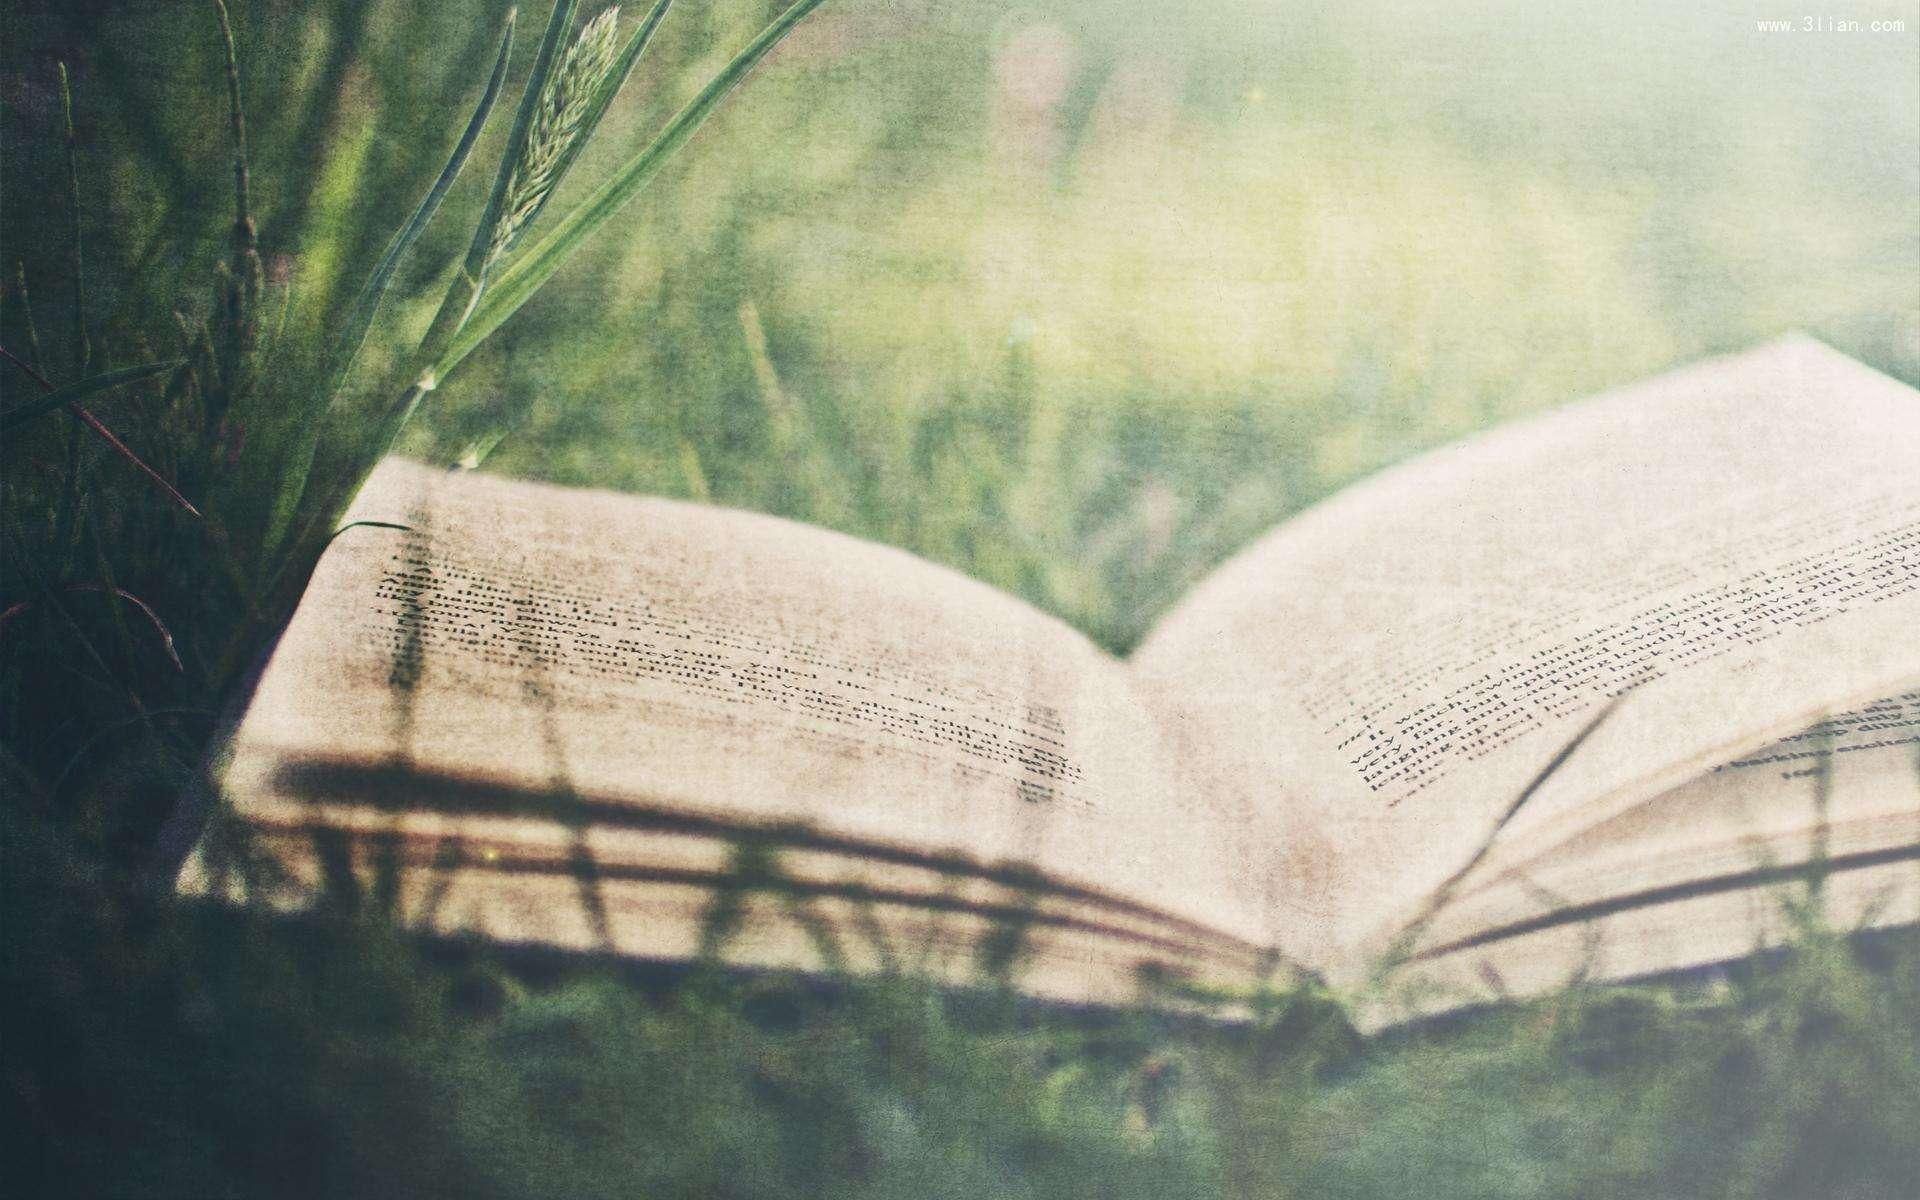 澳门金沙网上娱乐场:MBA英语阅读学习方法